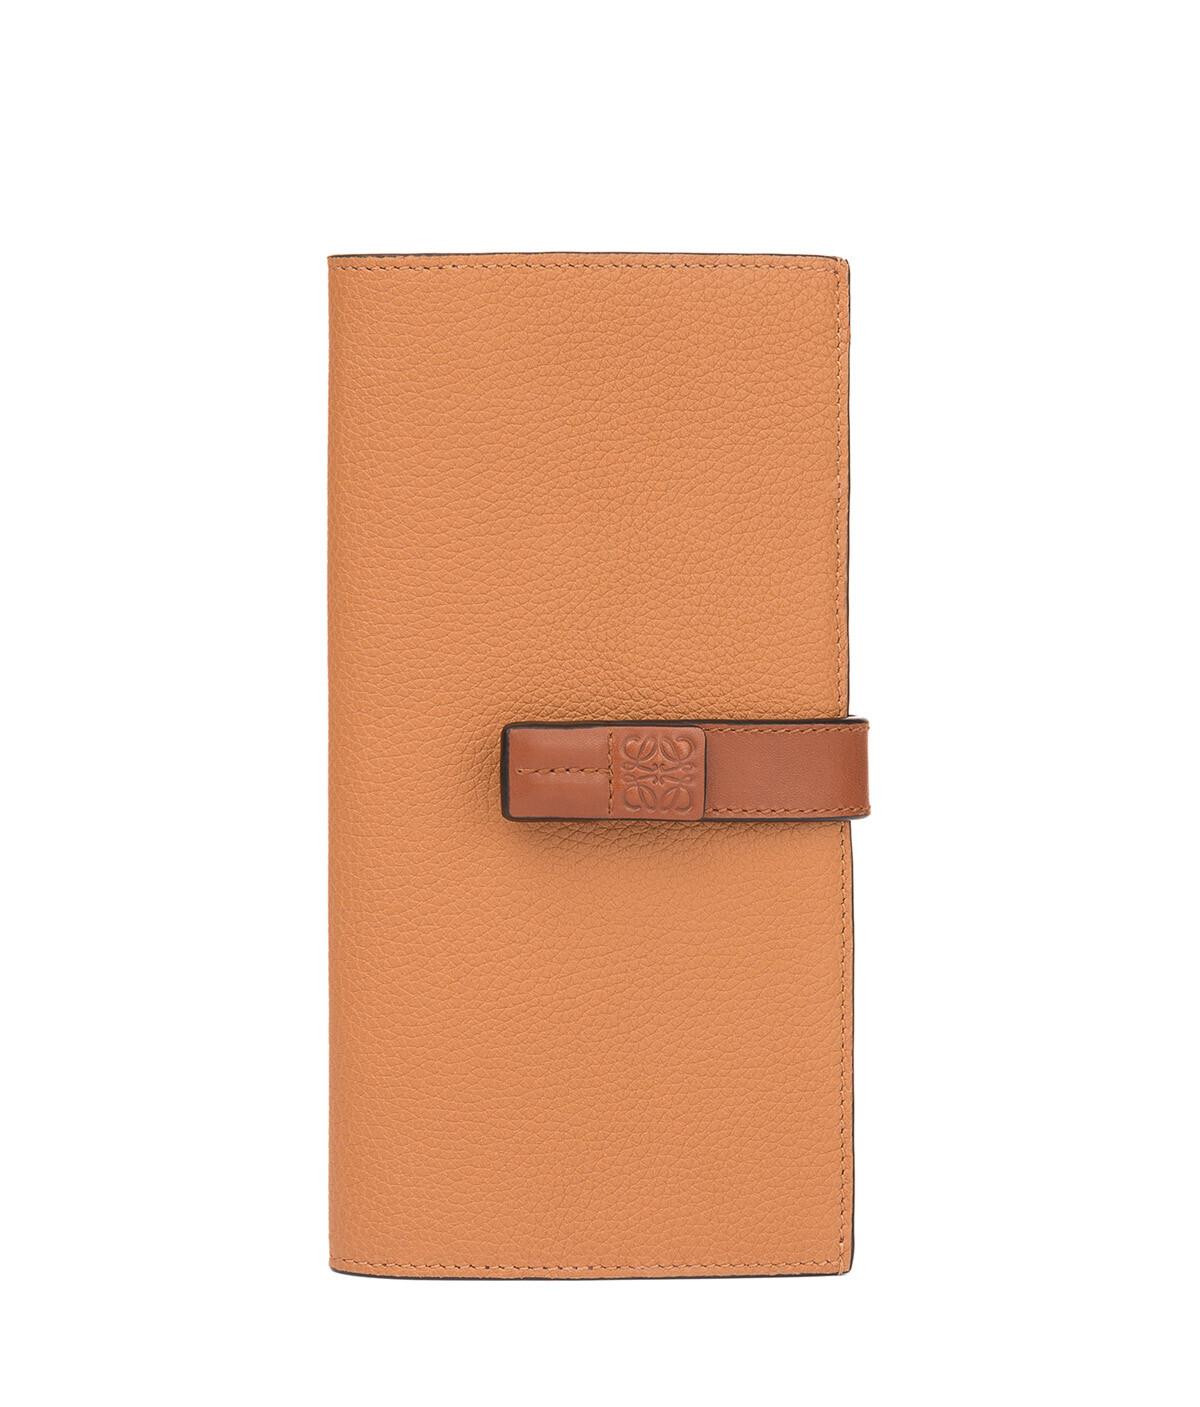 LOEWE Large Vertical Wallet Light Caramel/Pecan front